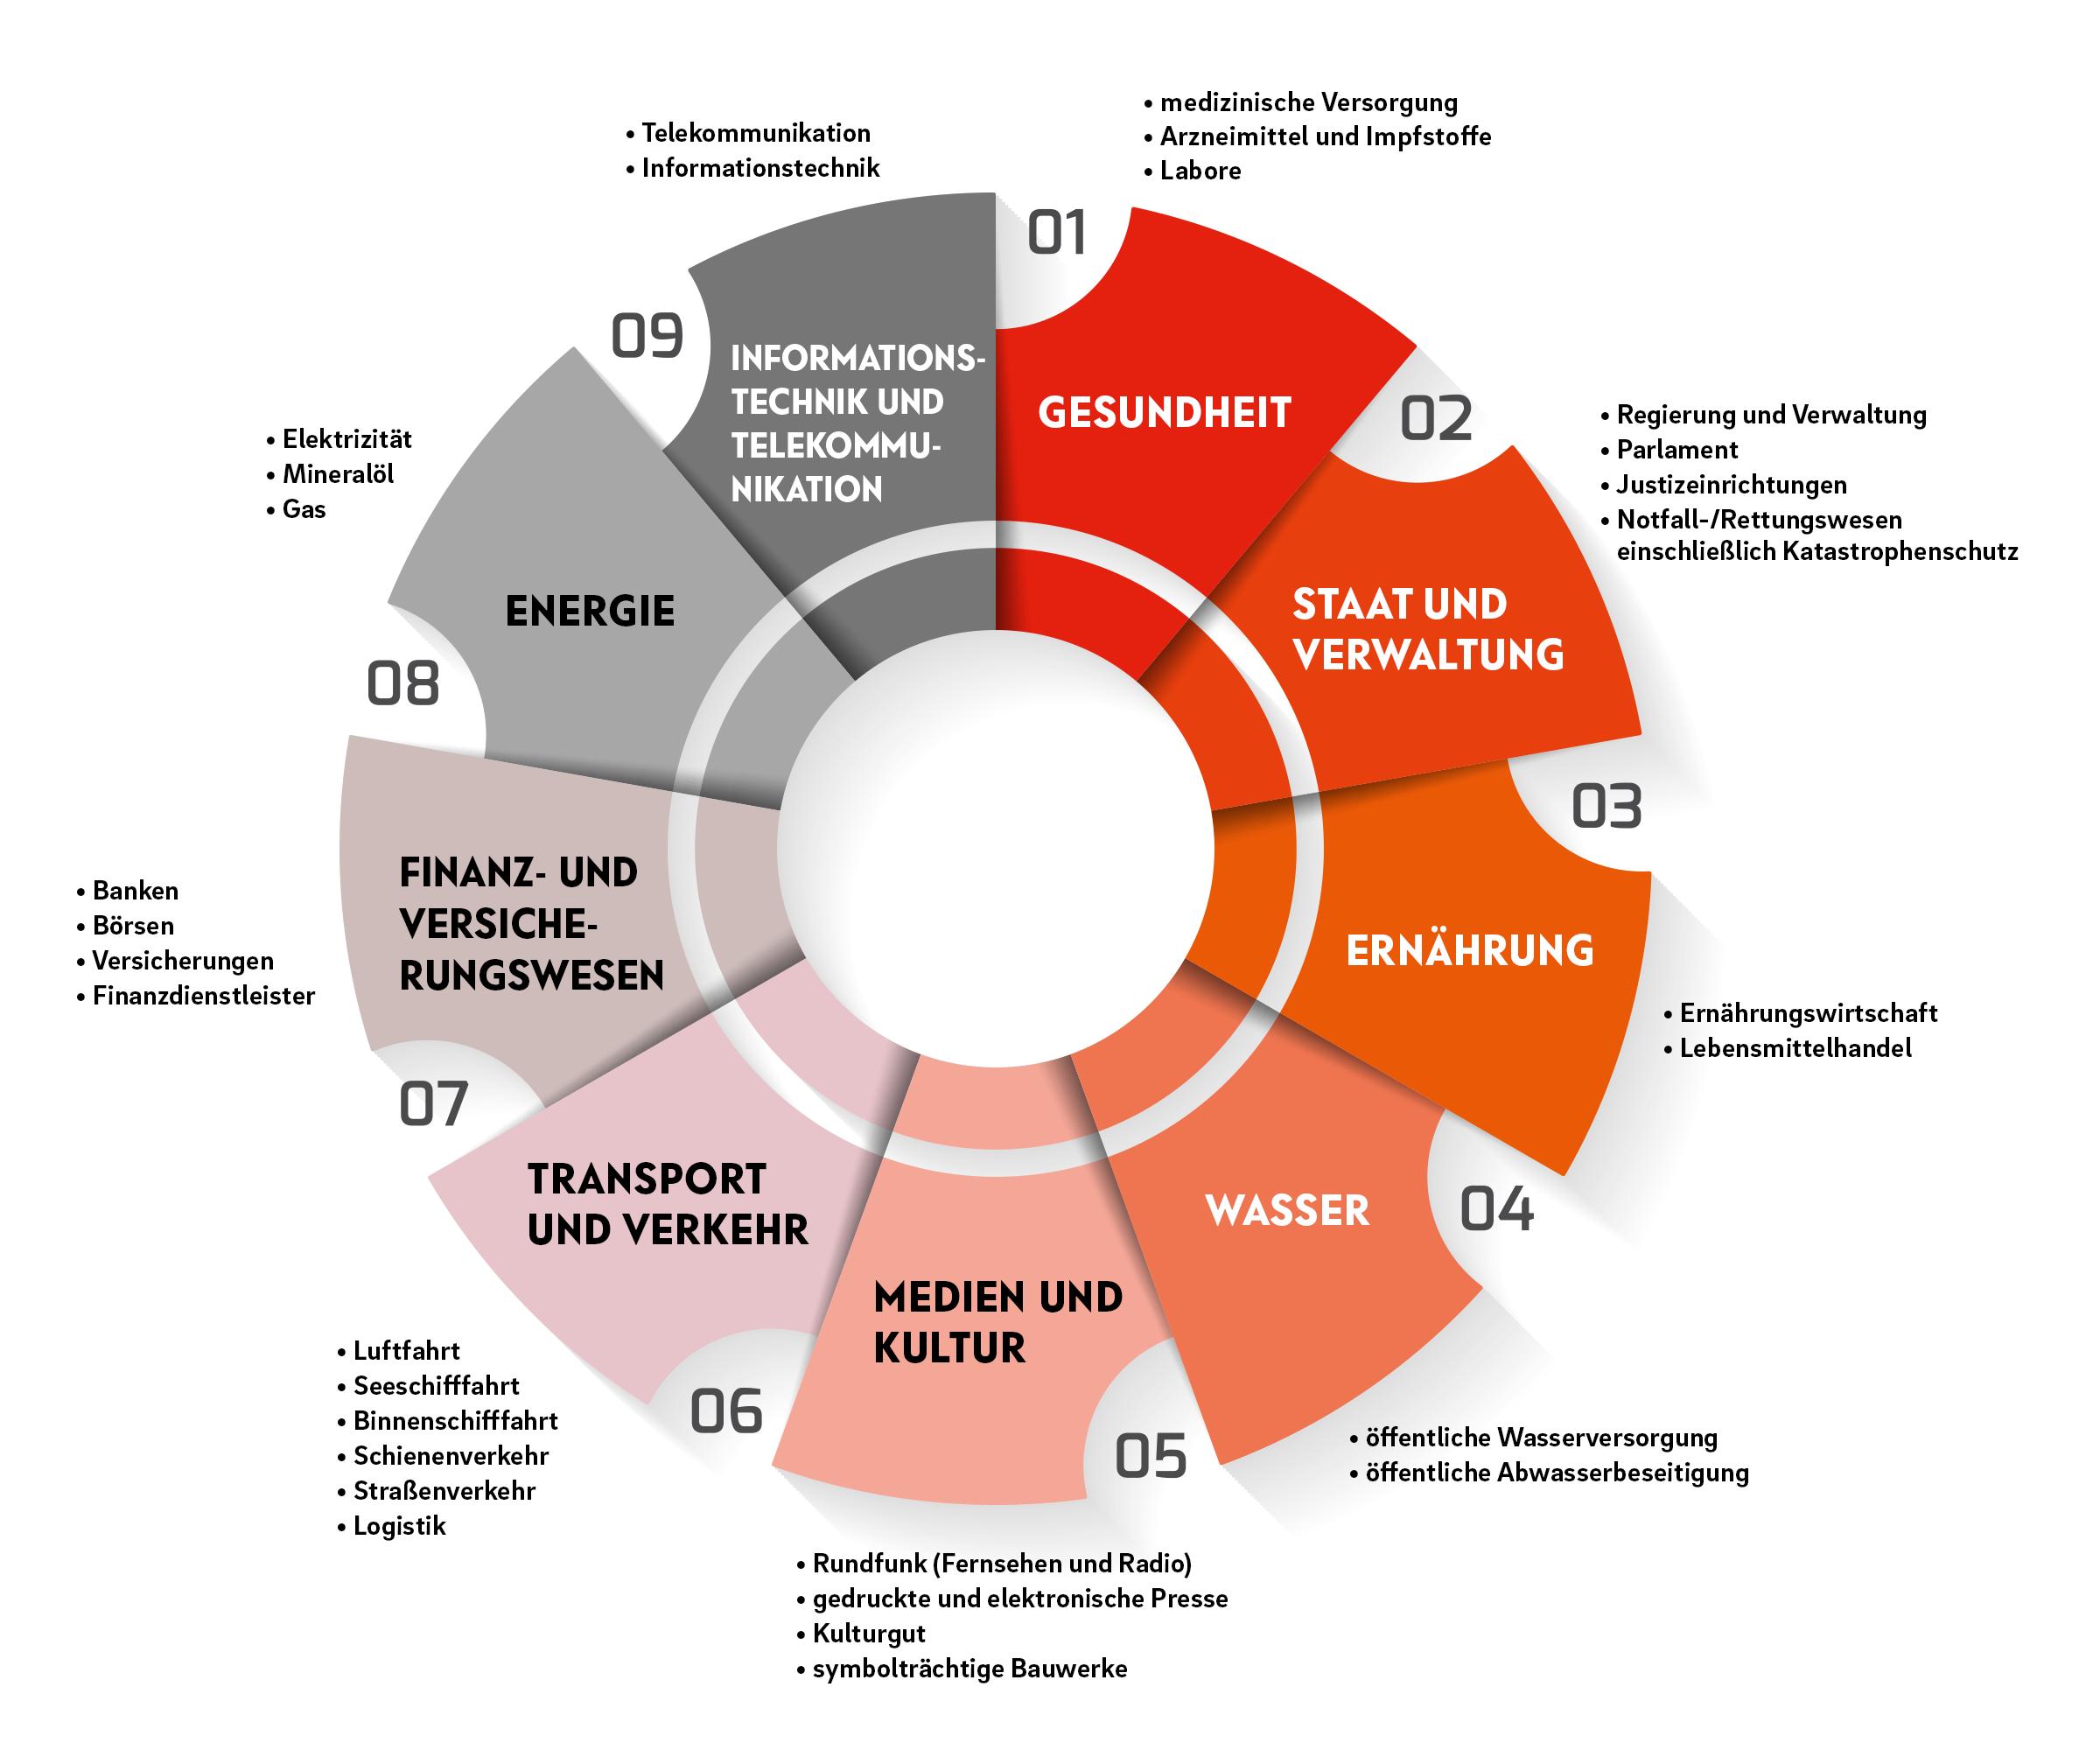 Branchen / Unternehmen, mit besonderen Sicherheitsstandards (KRITIS)